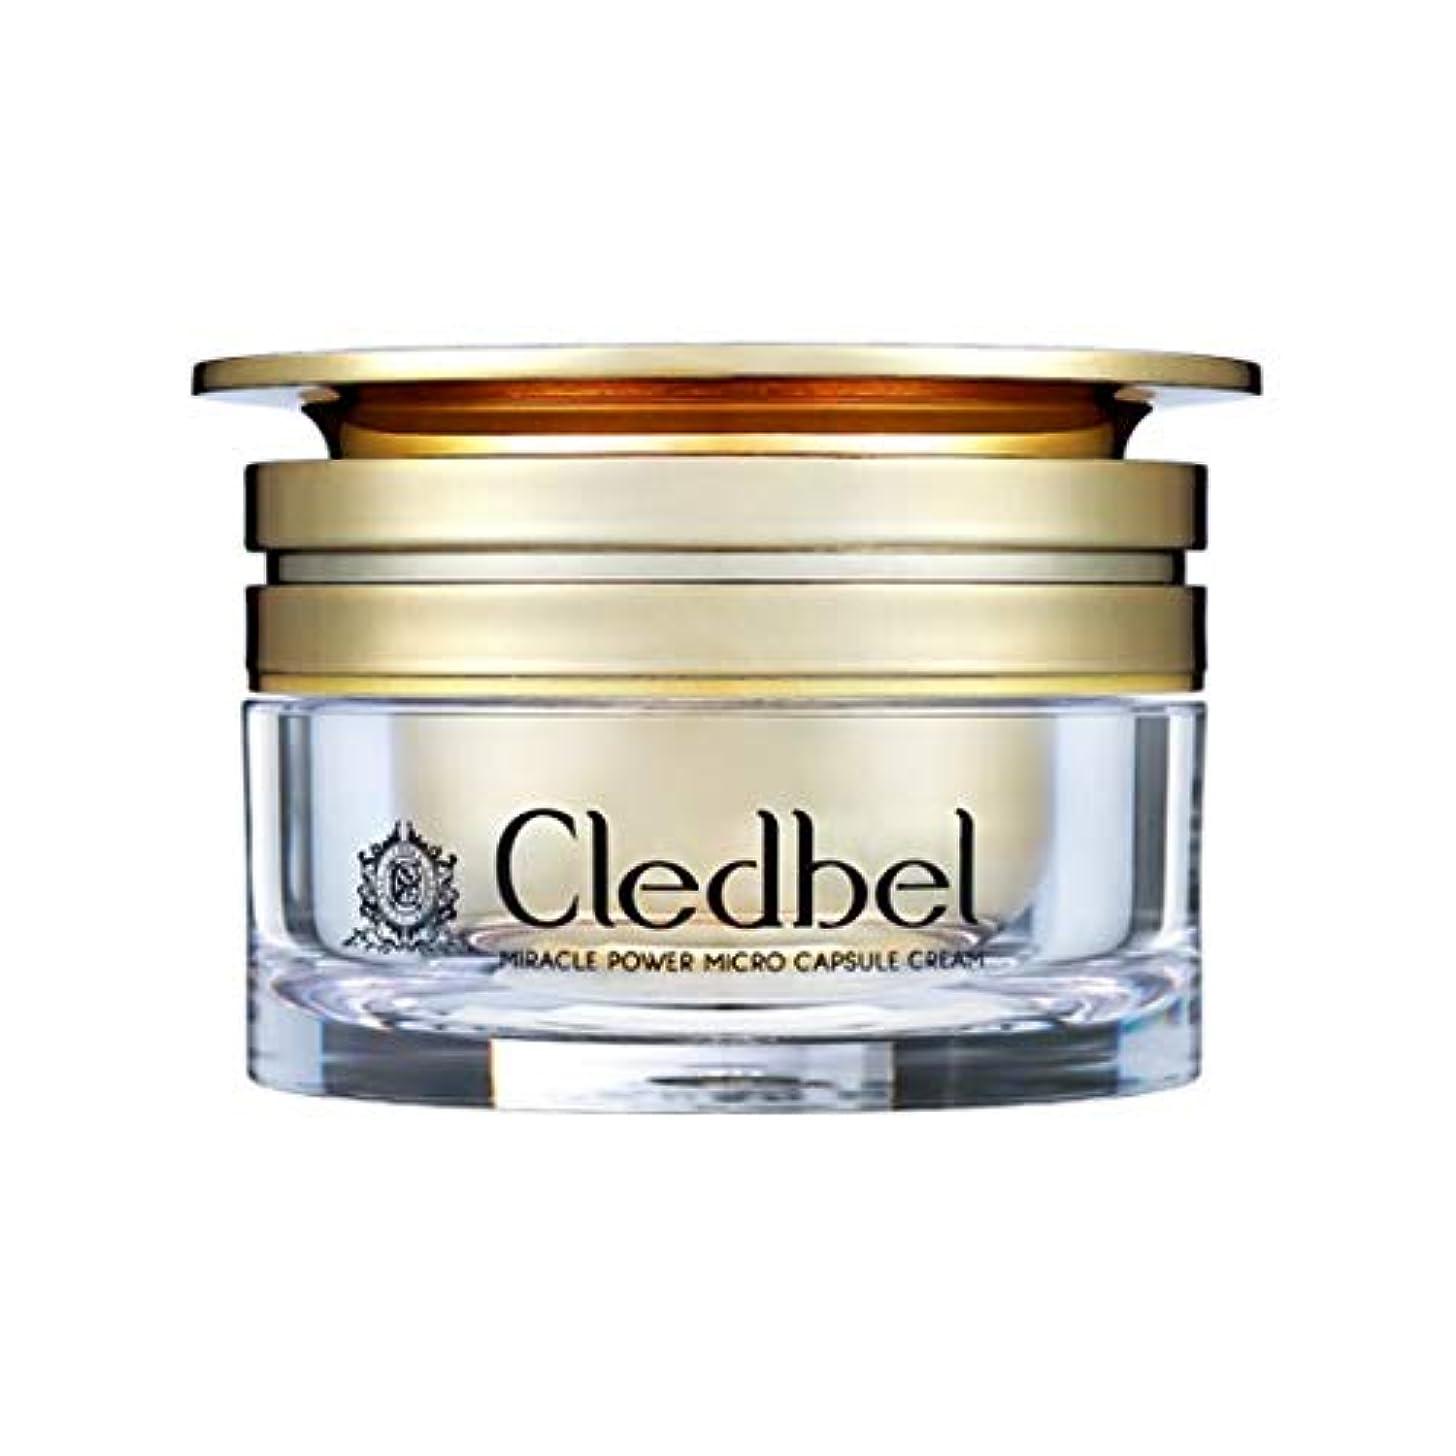 半導体大学生宿る[cledbel] Miracle Power Micro Capsule Cream 50ml / ミラクルパワーマイクロカプセルクリーム 50ml [並行輸入品]